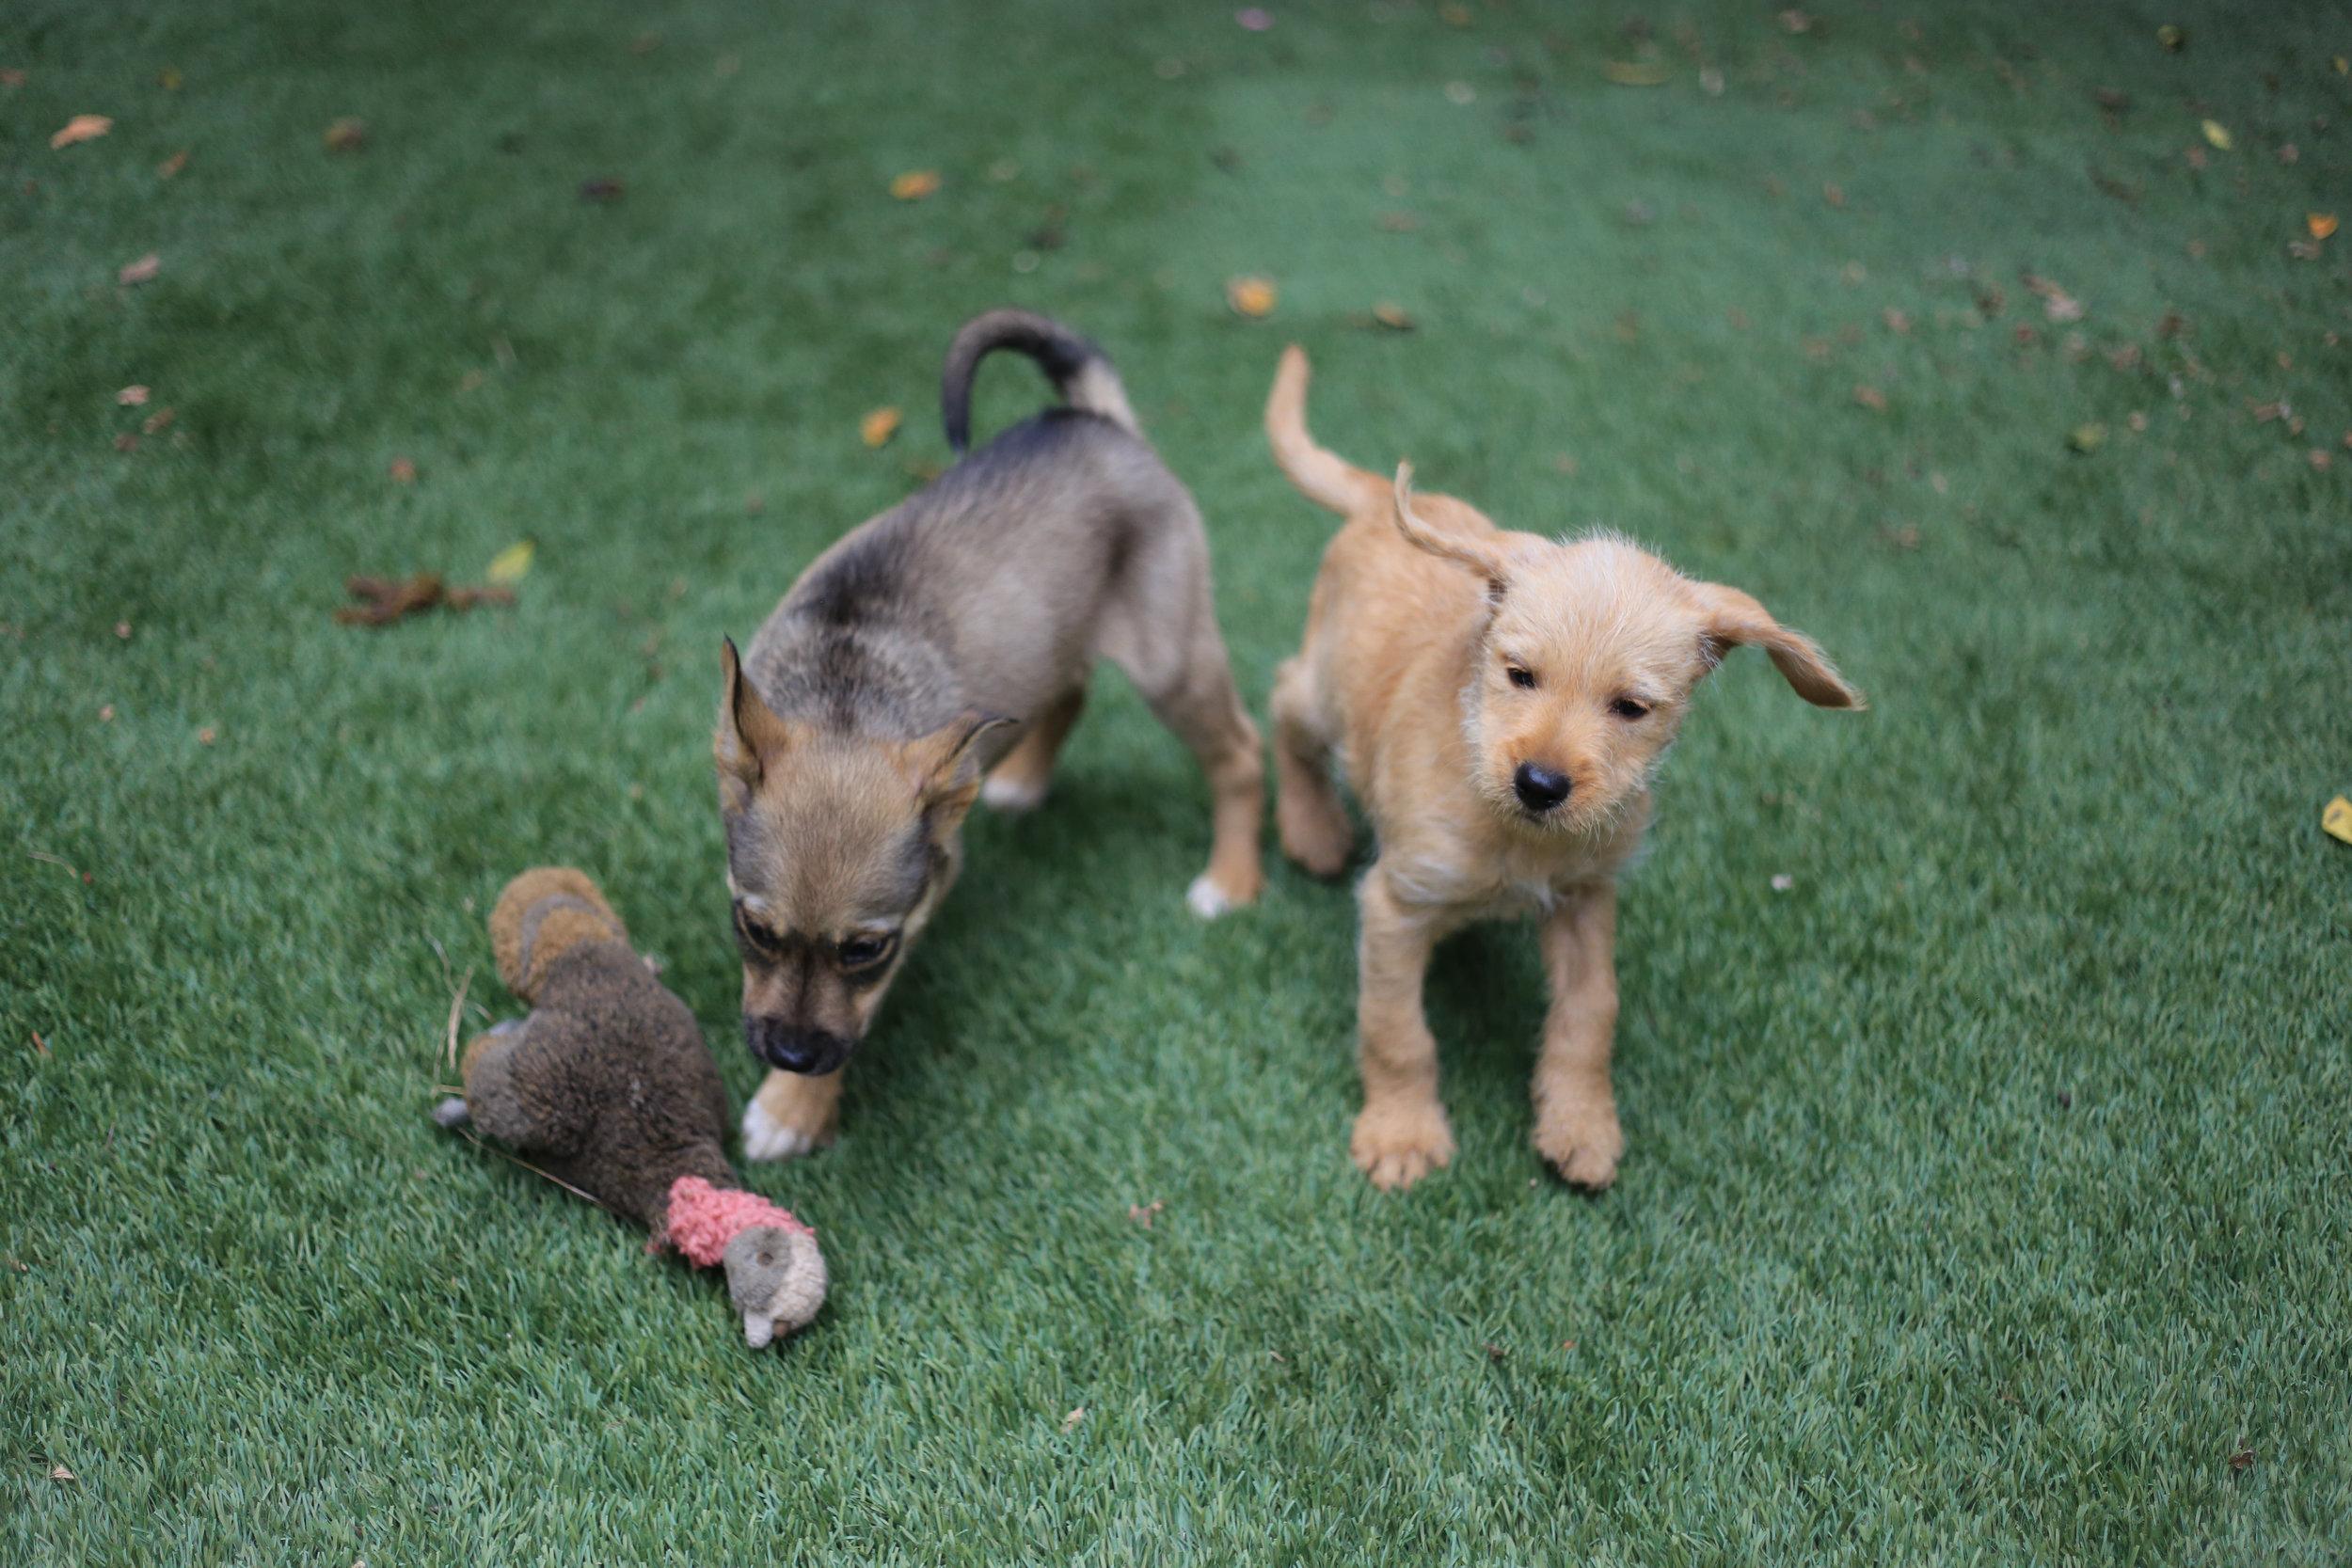 Volunteers in Defense of Animals